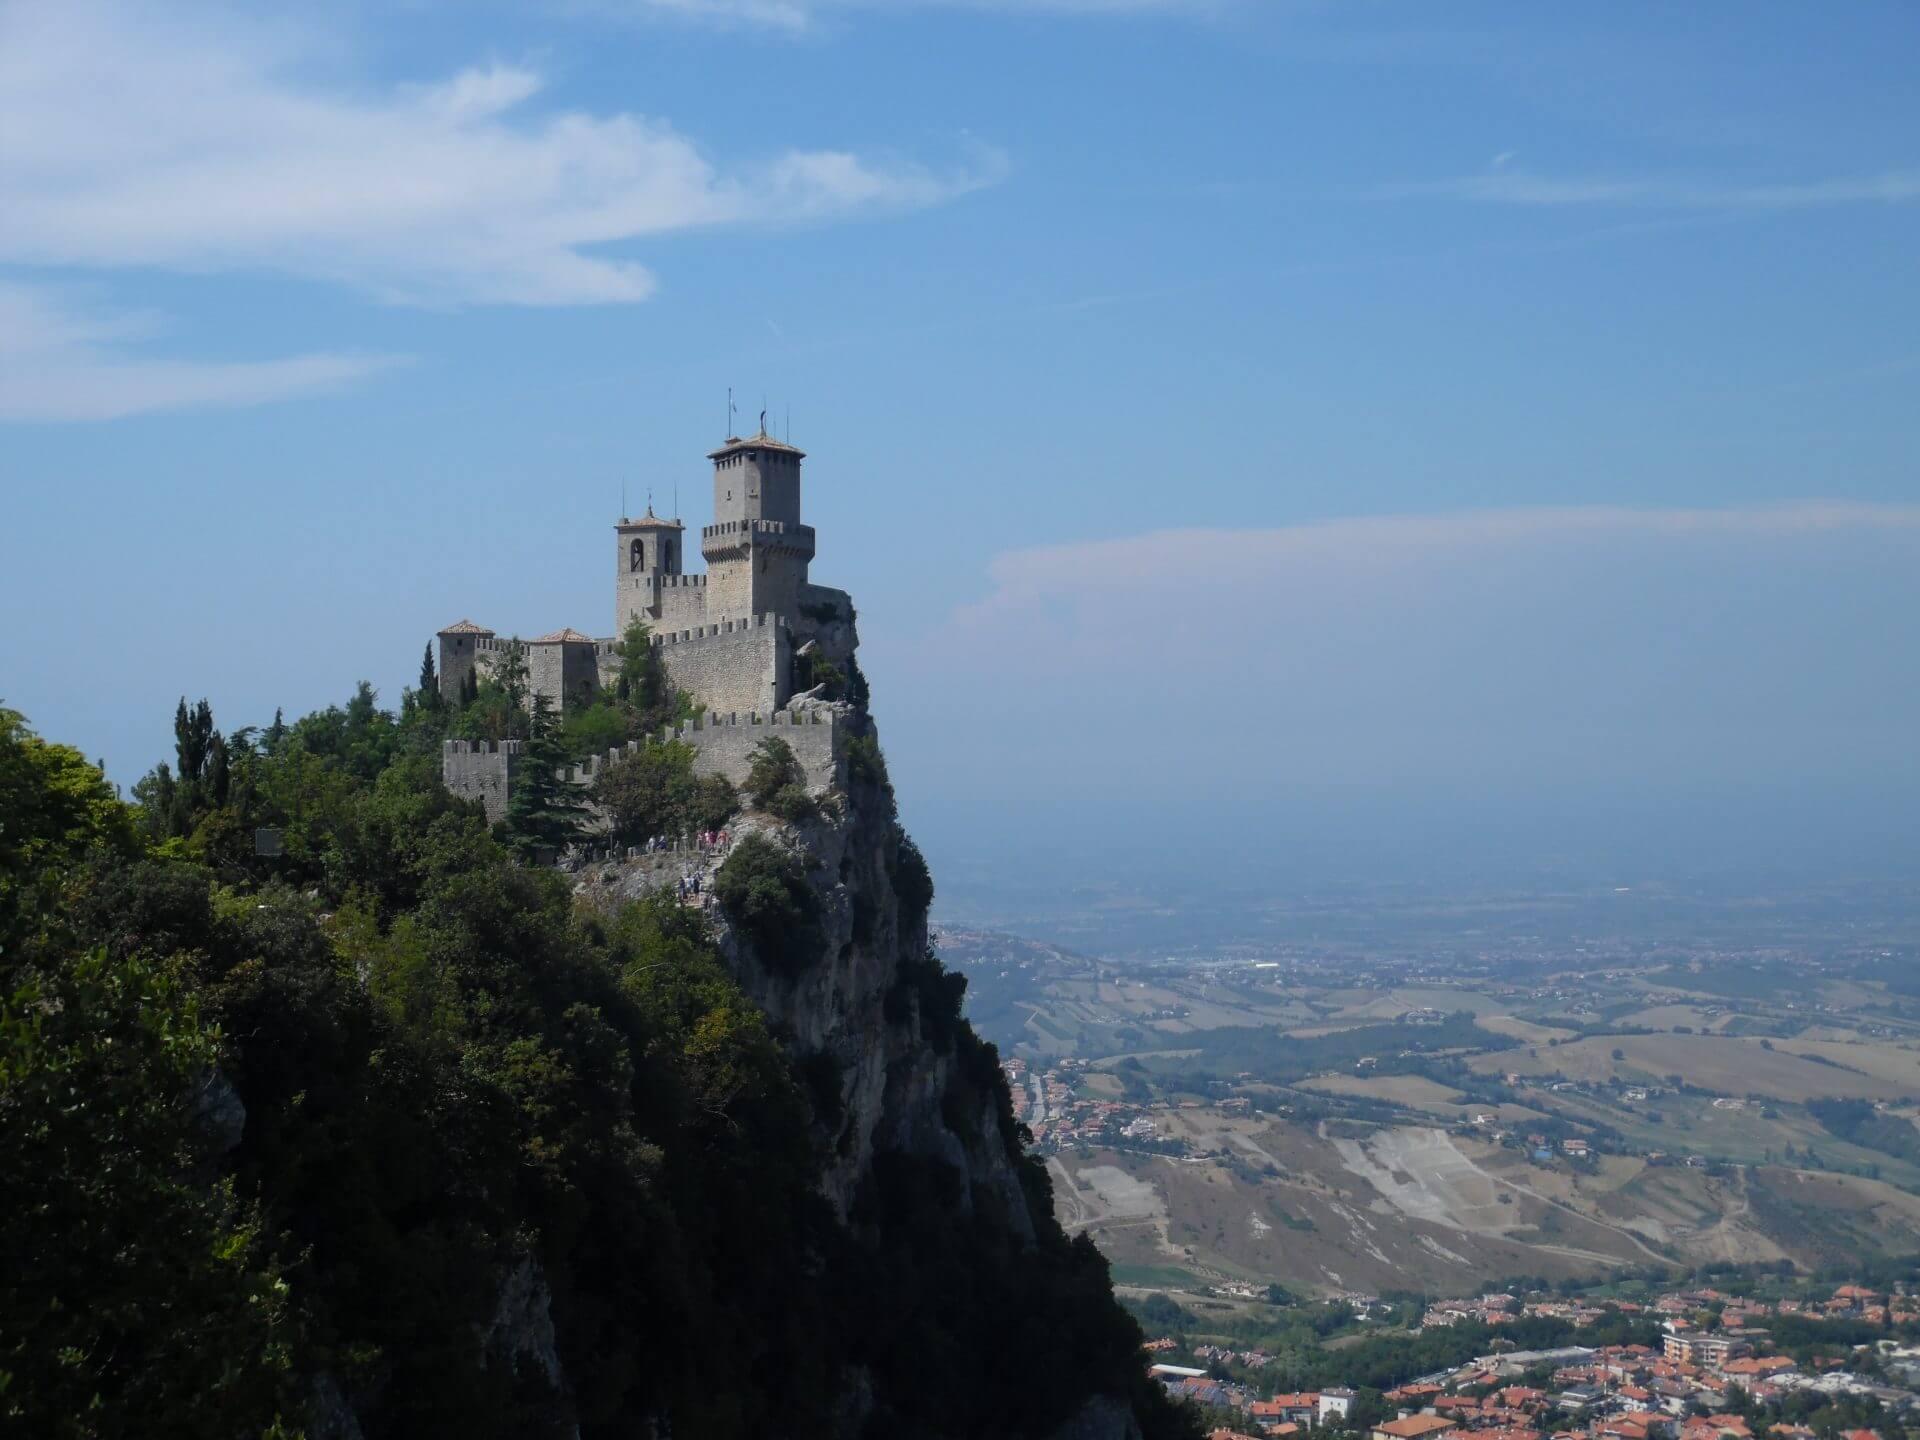 Vakantieblog Italië 2018 | San Marino als uitkijkpost